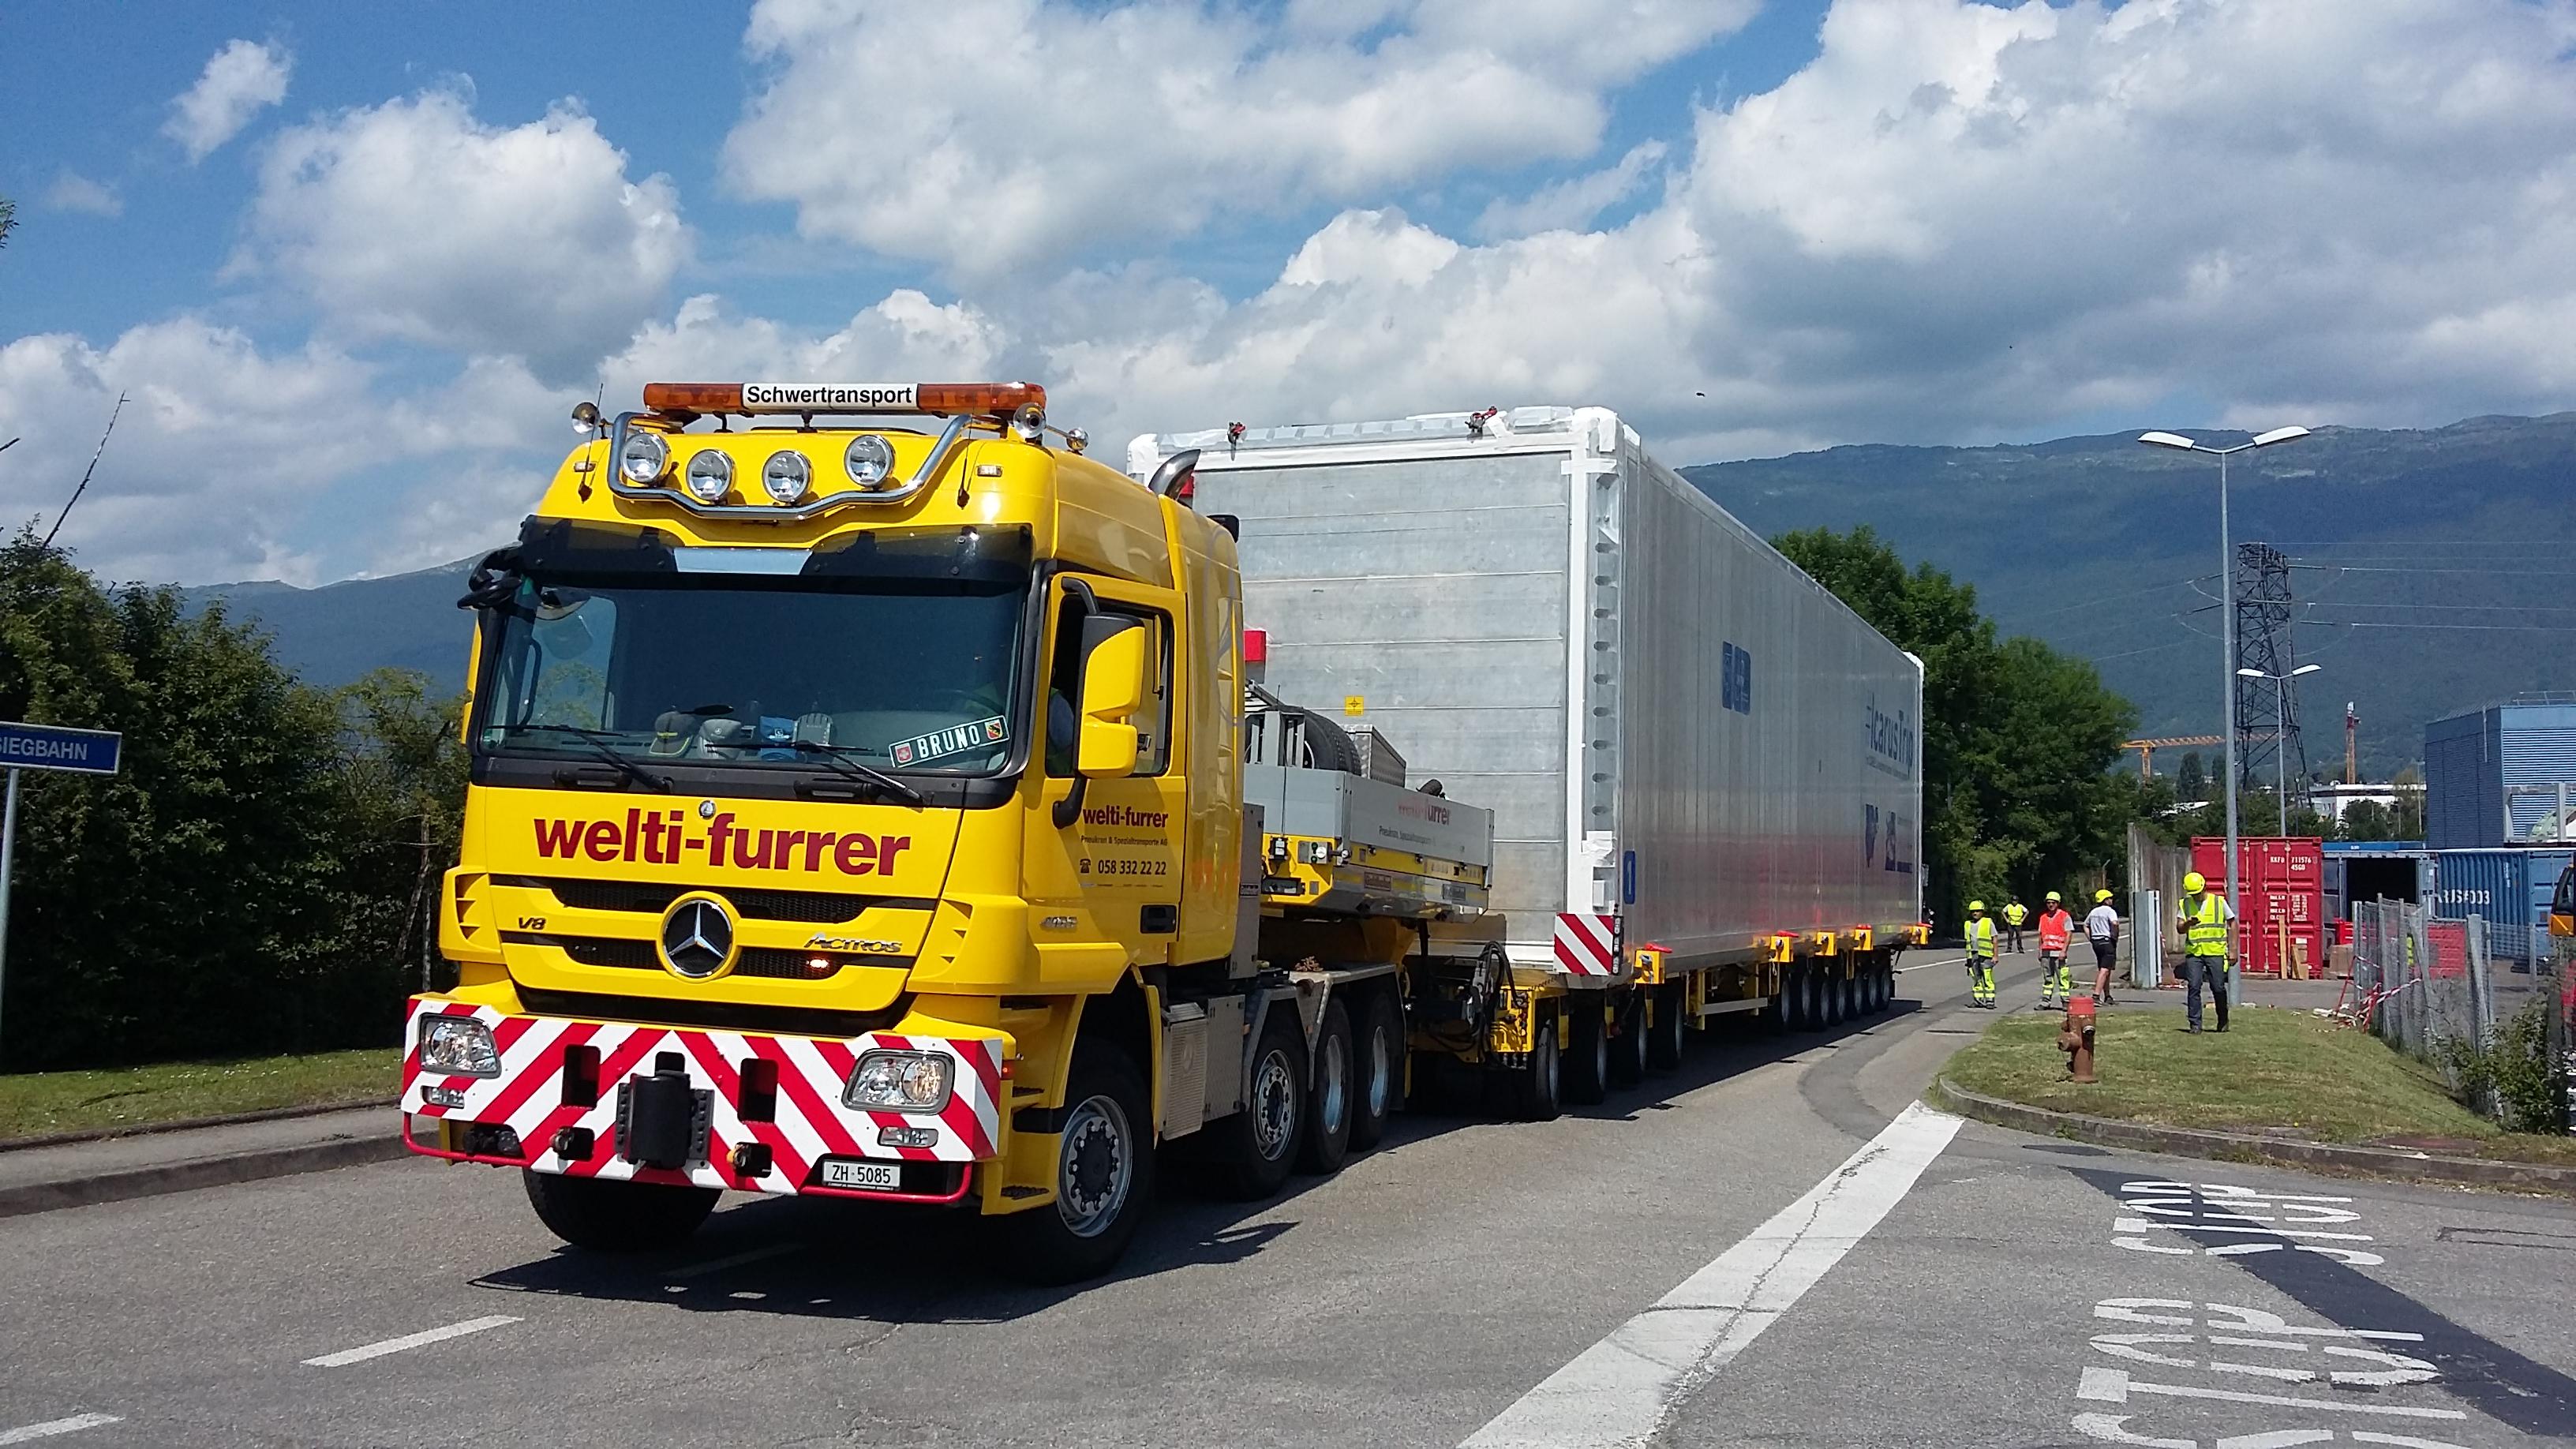 ICARUS_Departure_CERN_1